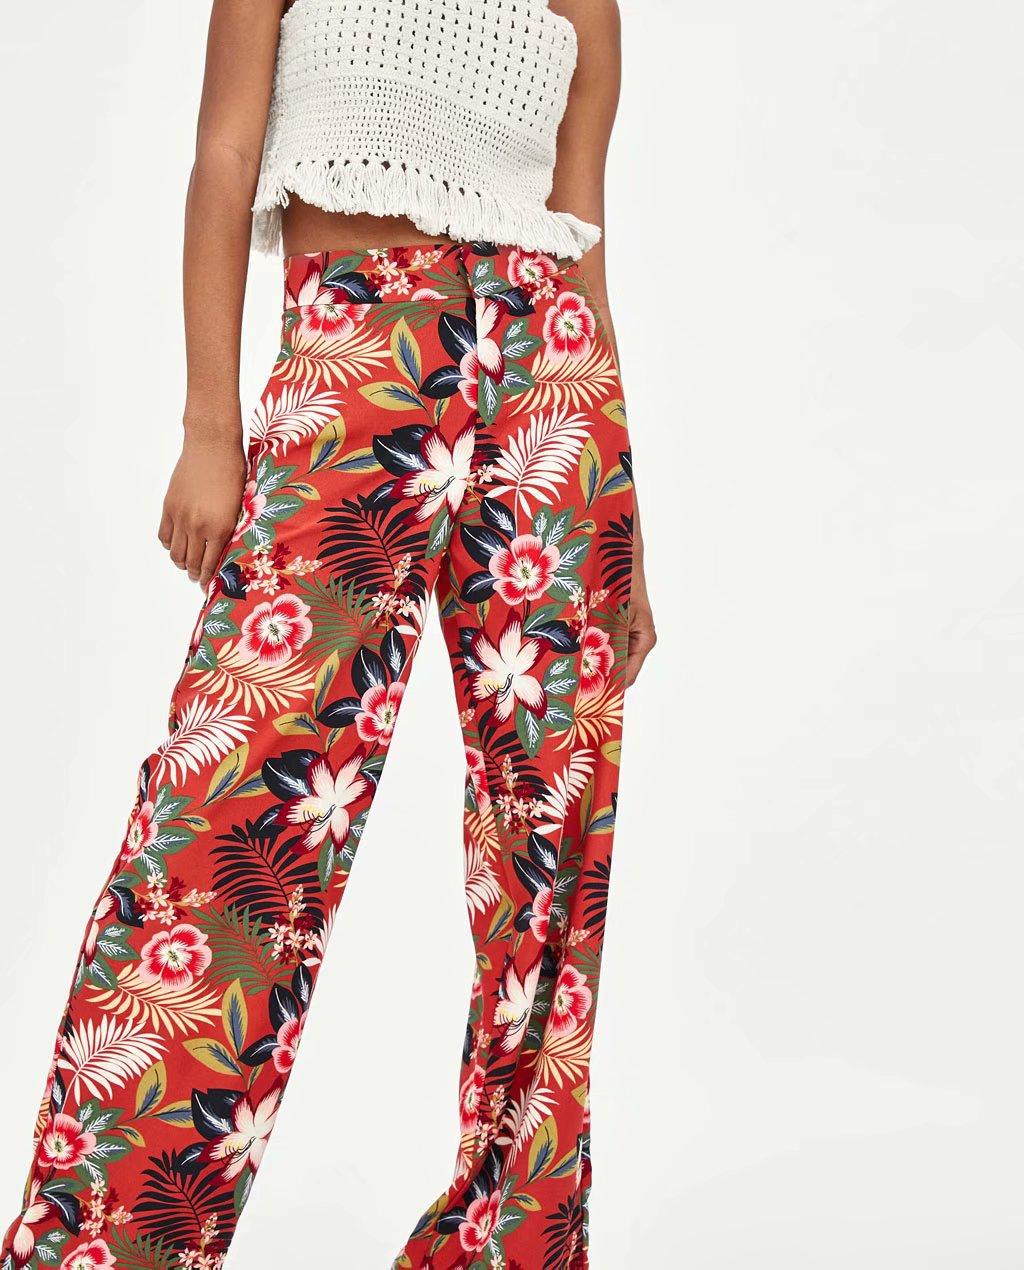 Chiffon Fashionpants(Picture color -S) NHAM4502-Picture-color-S